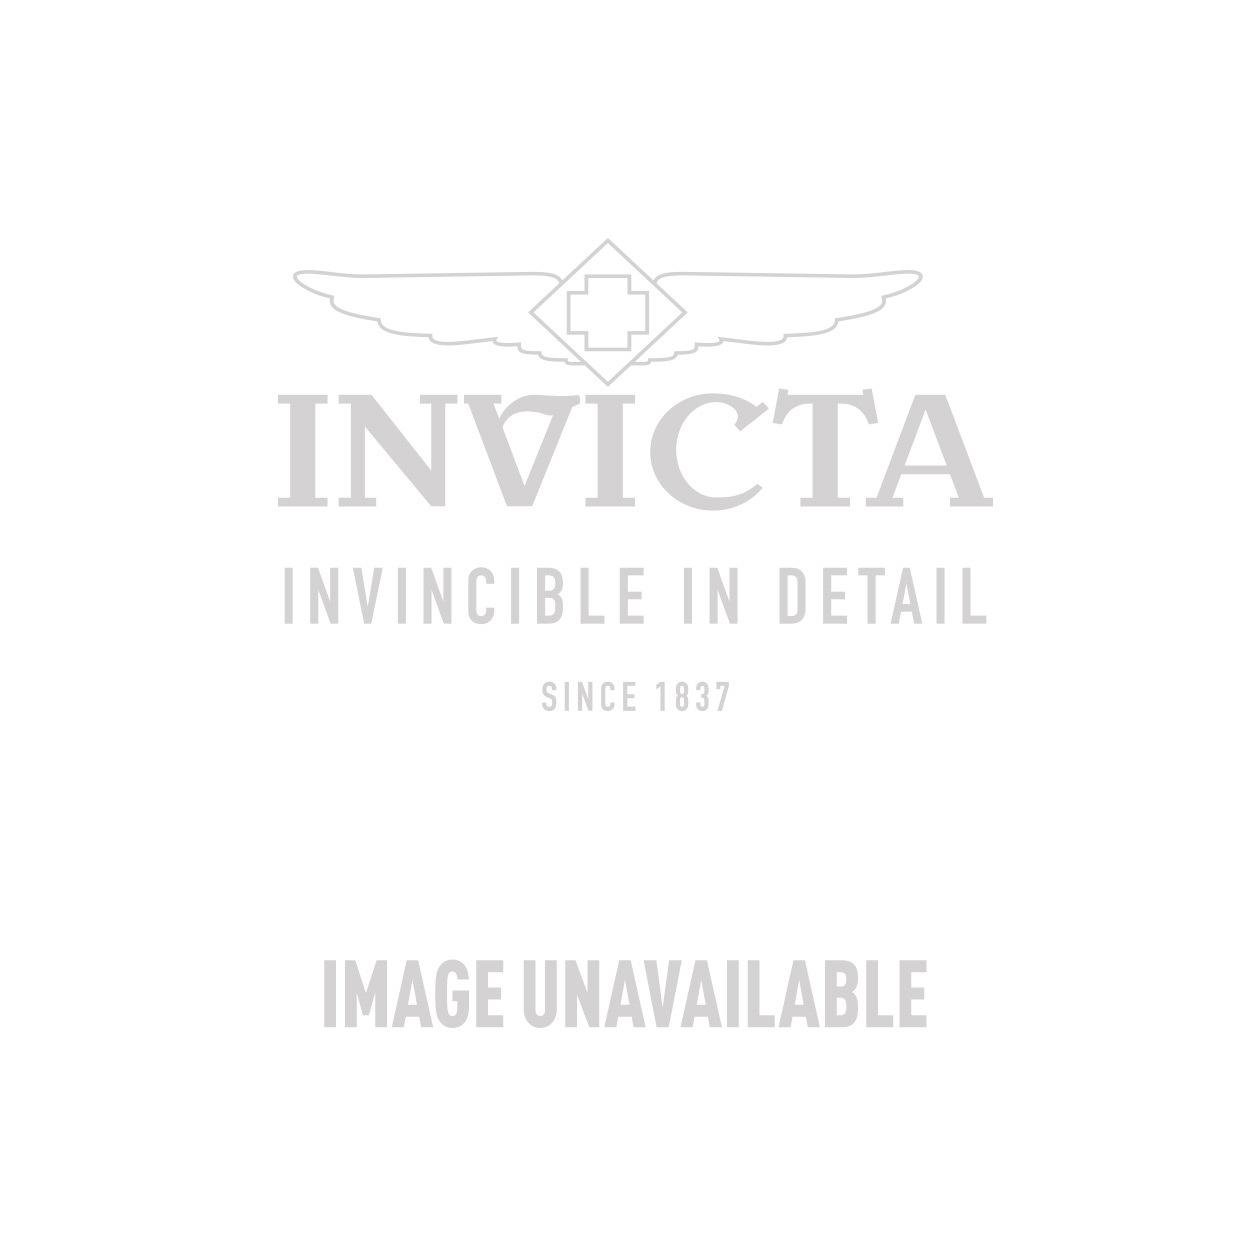 Invicta Model 27048